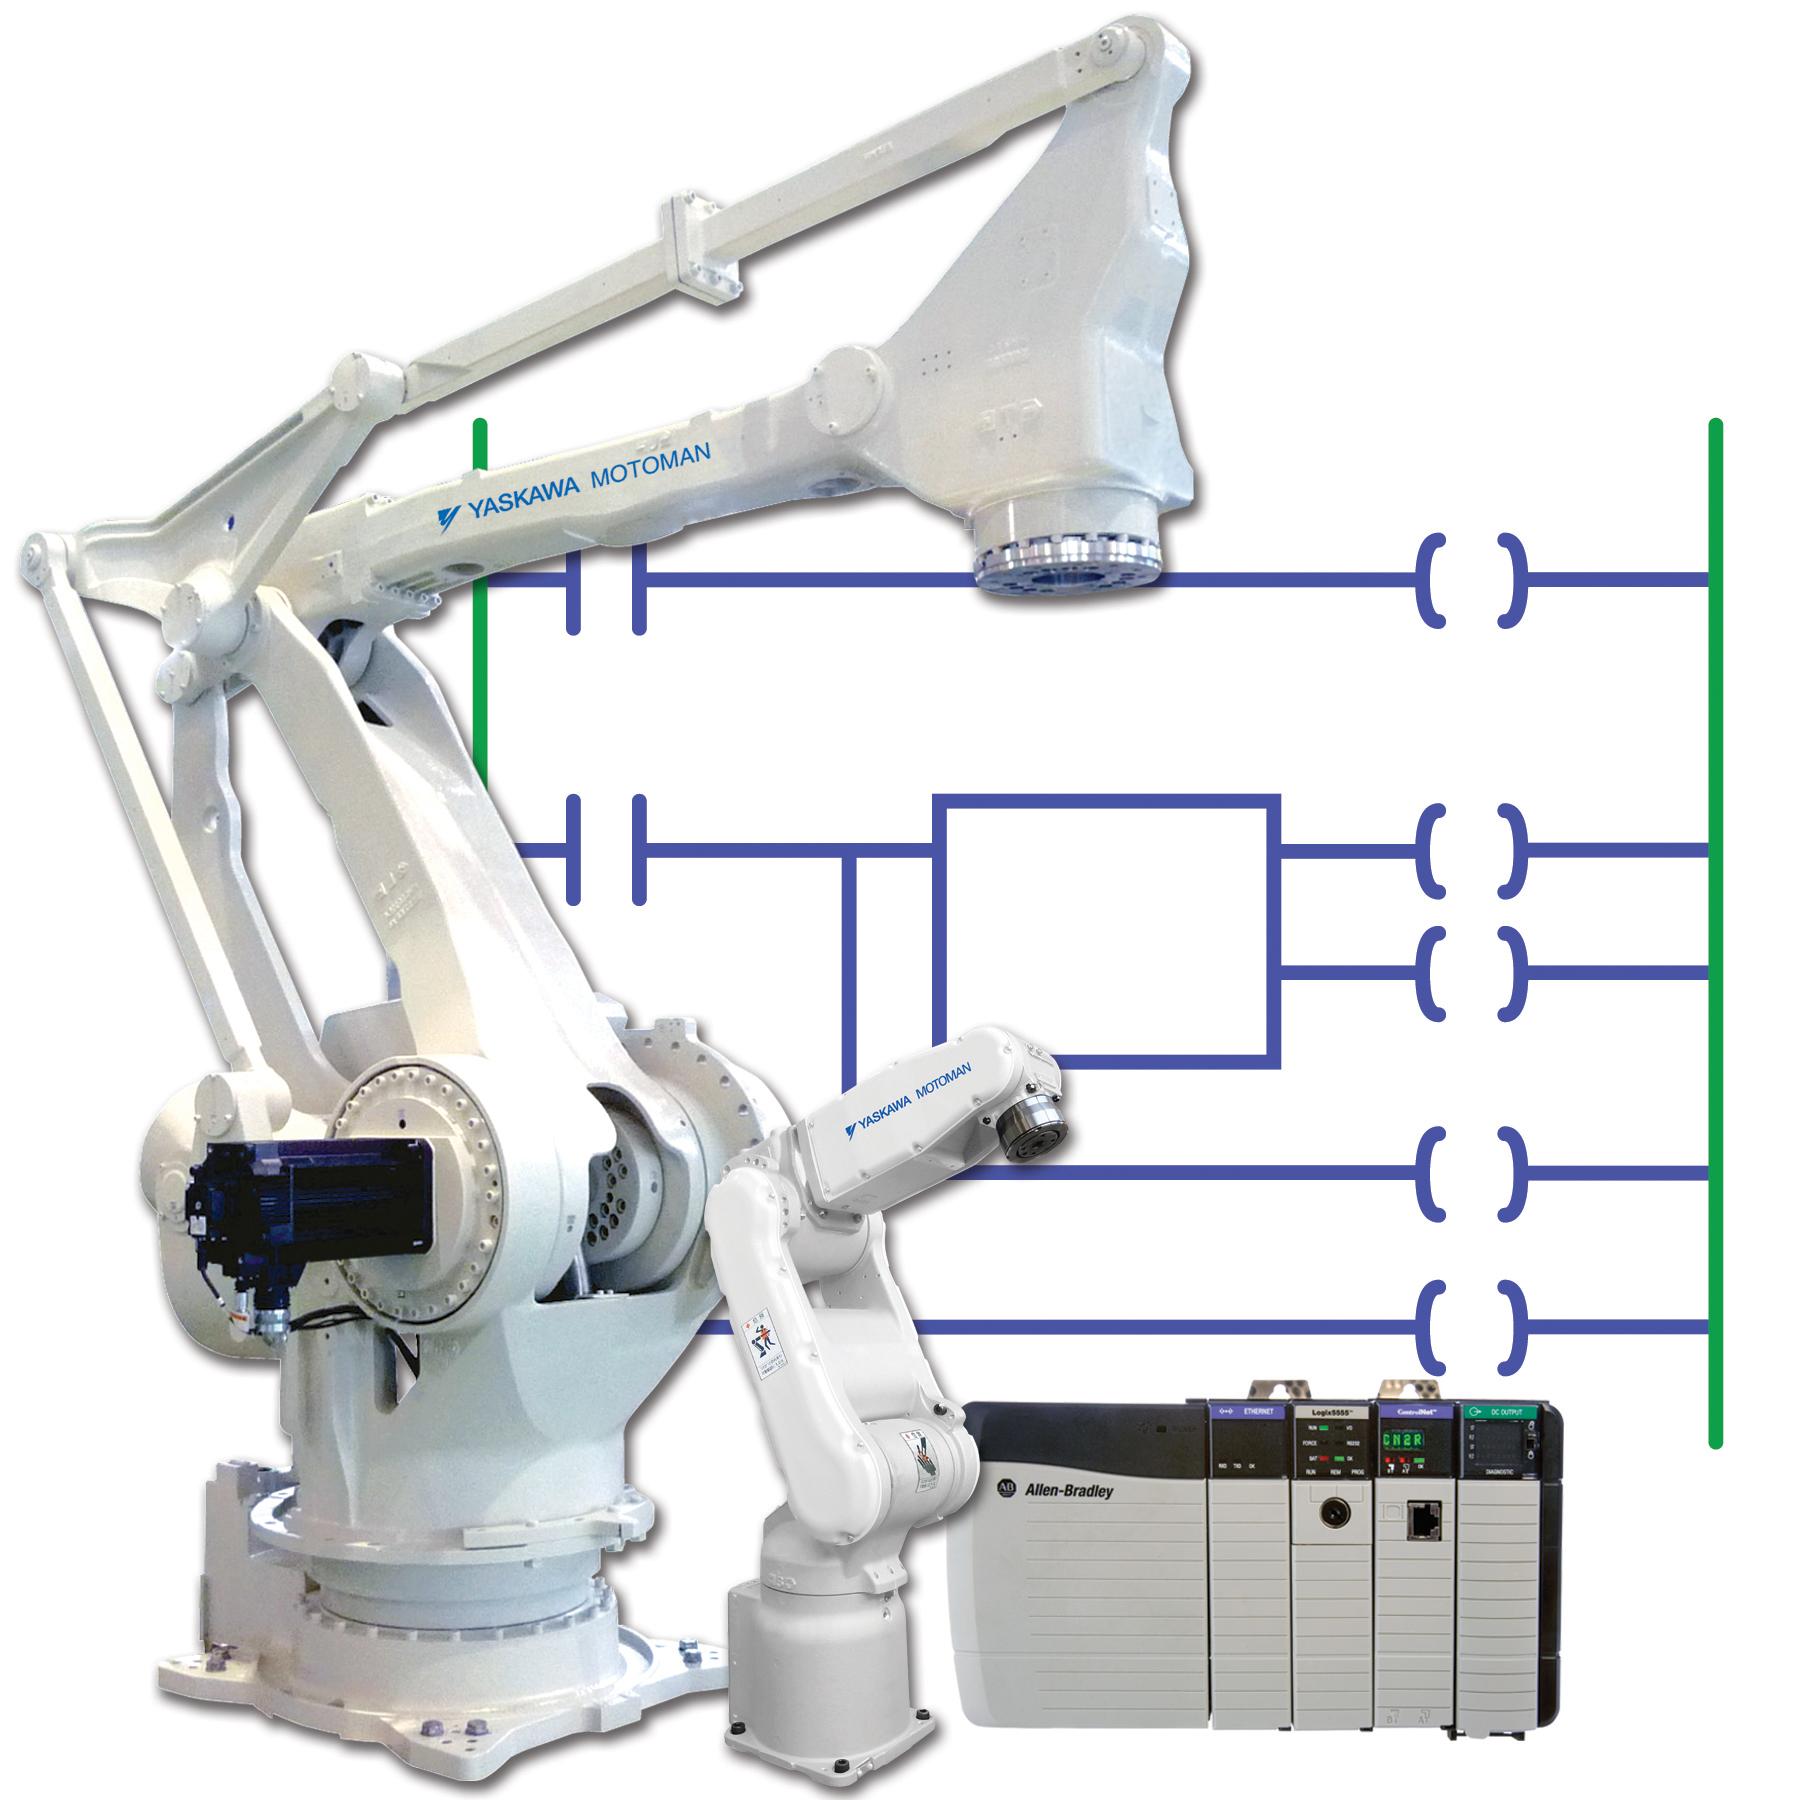 industrial robotics and control